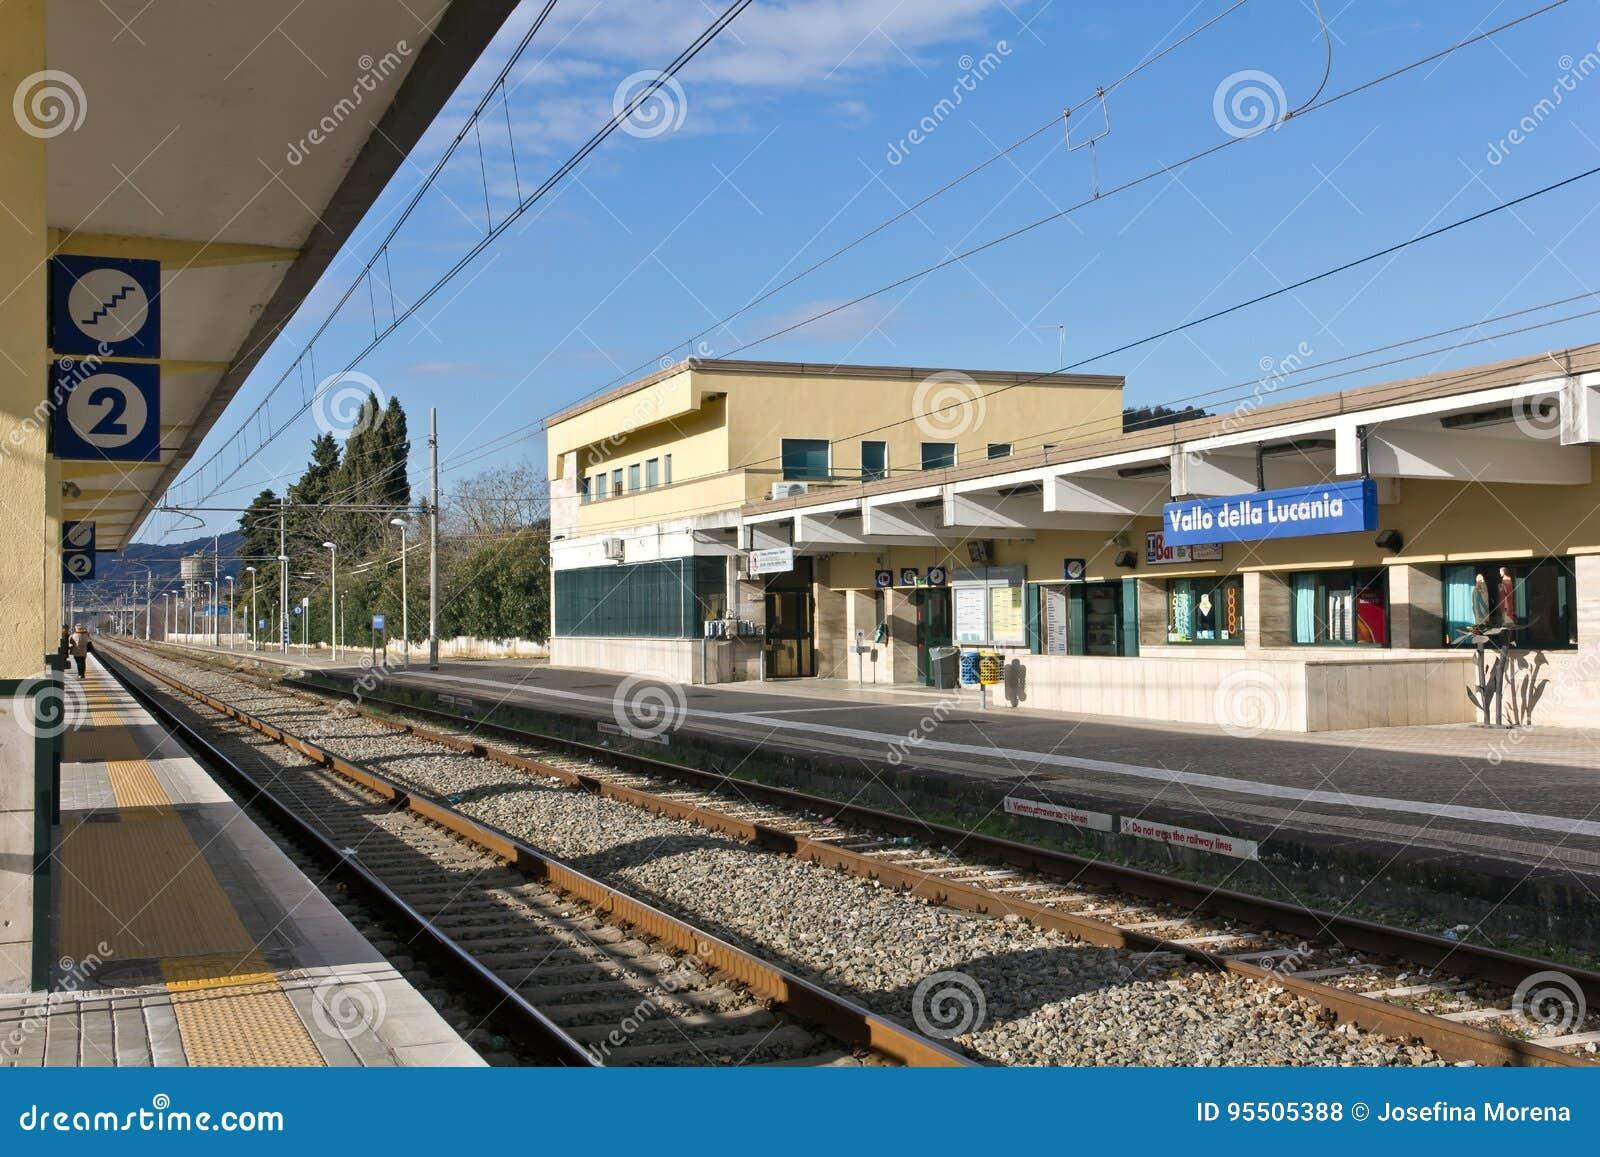 Della Lucania-Castelnuovo di Stazione Ferroviaria di Vallo